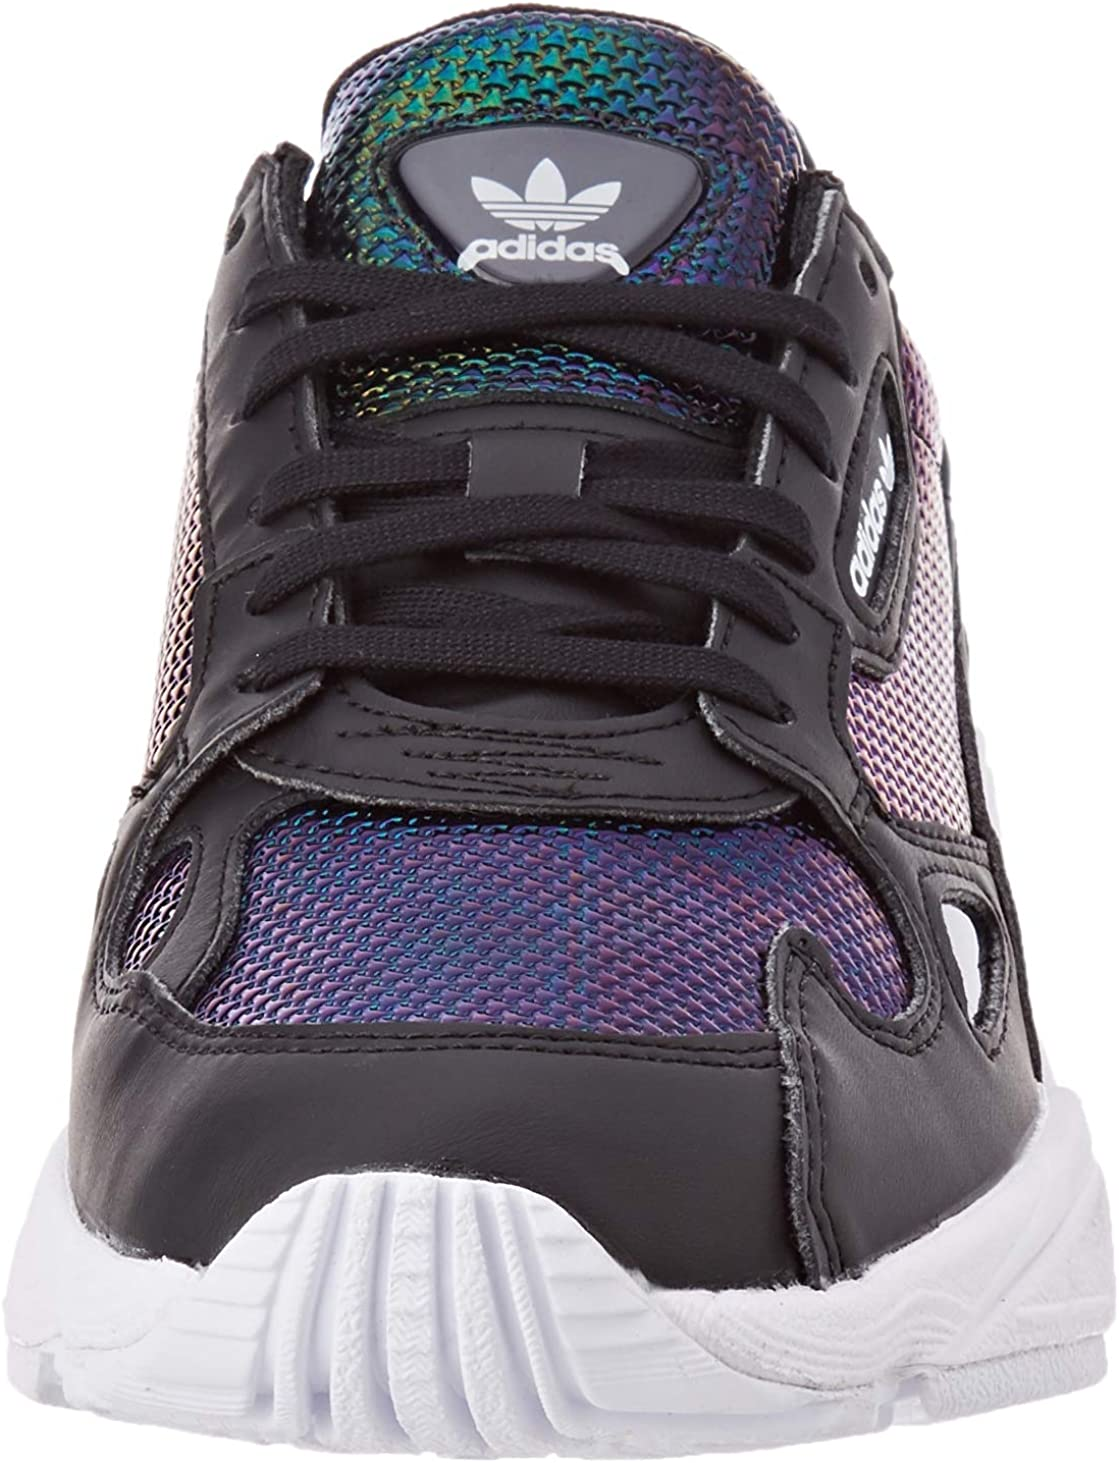 adidas Falcon W, Basket Femme Core Black Ftwr White Mystery Ruby F17